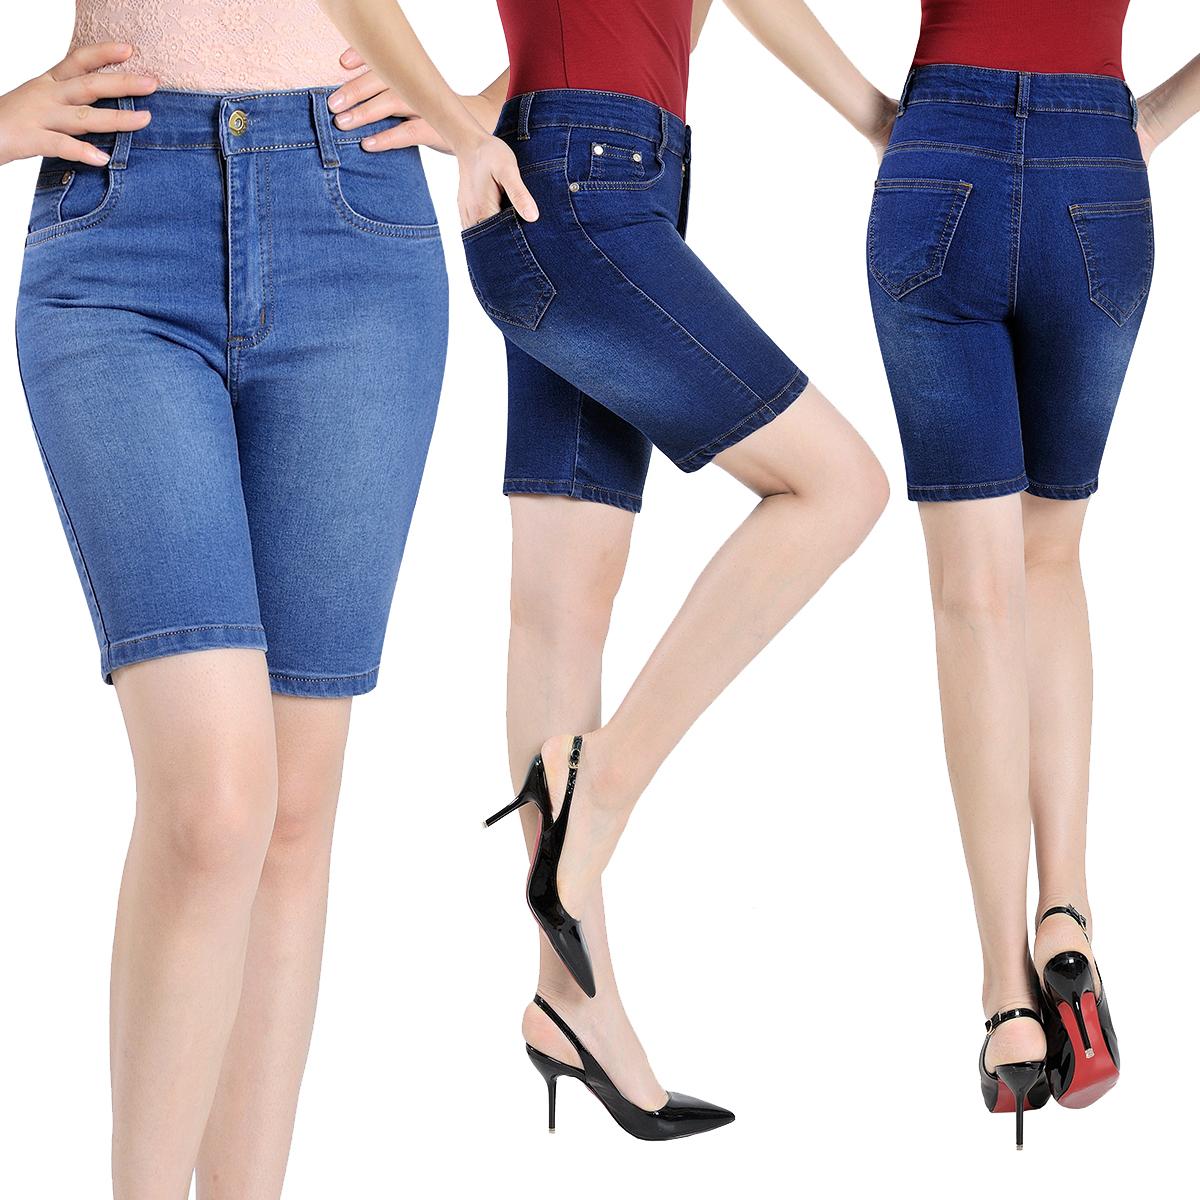 Летние стили старые ковбои пять средних лет дамы высокой талией шорты брюки 5 минут брюки джинсы МАМА